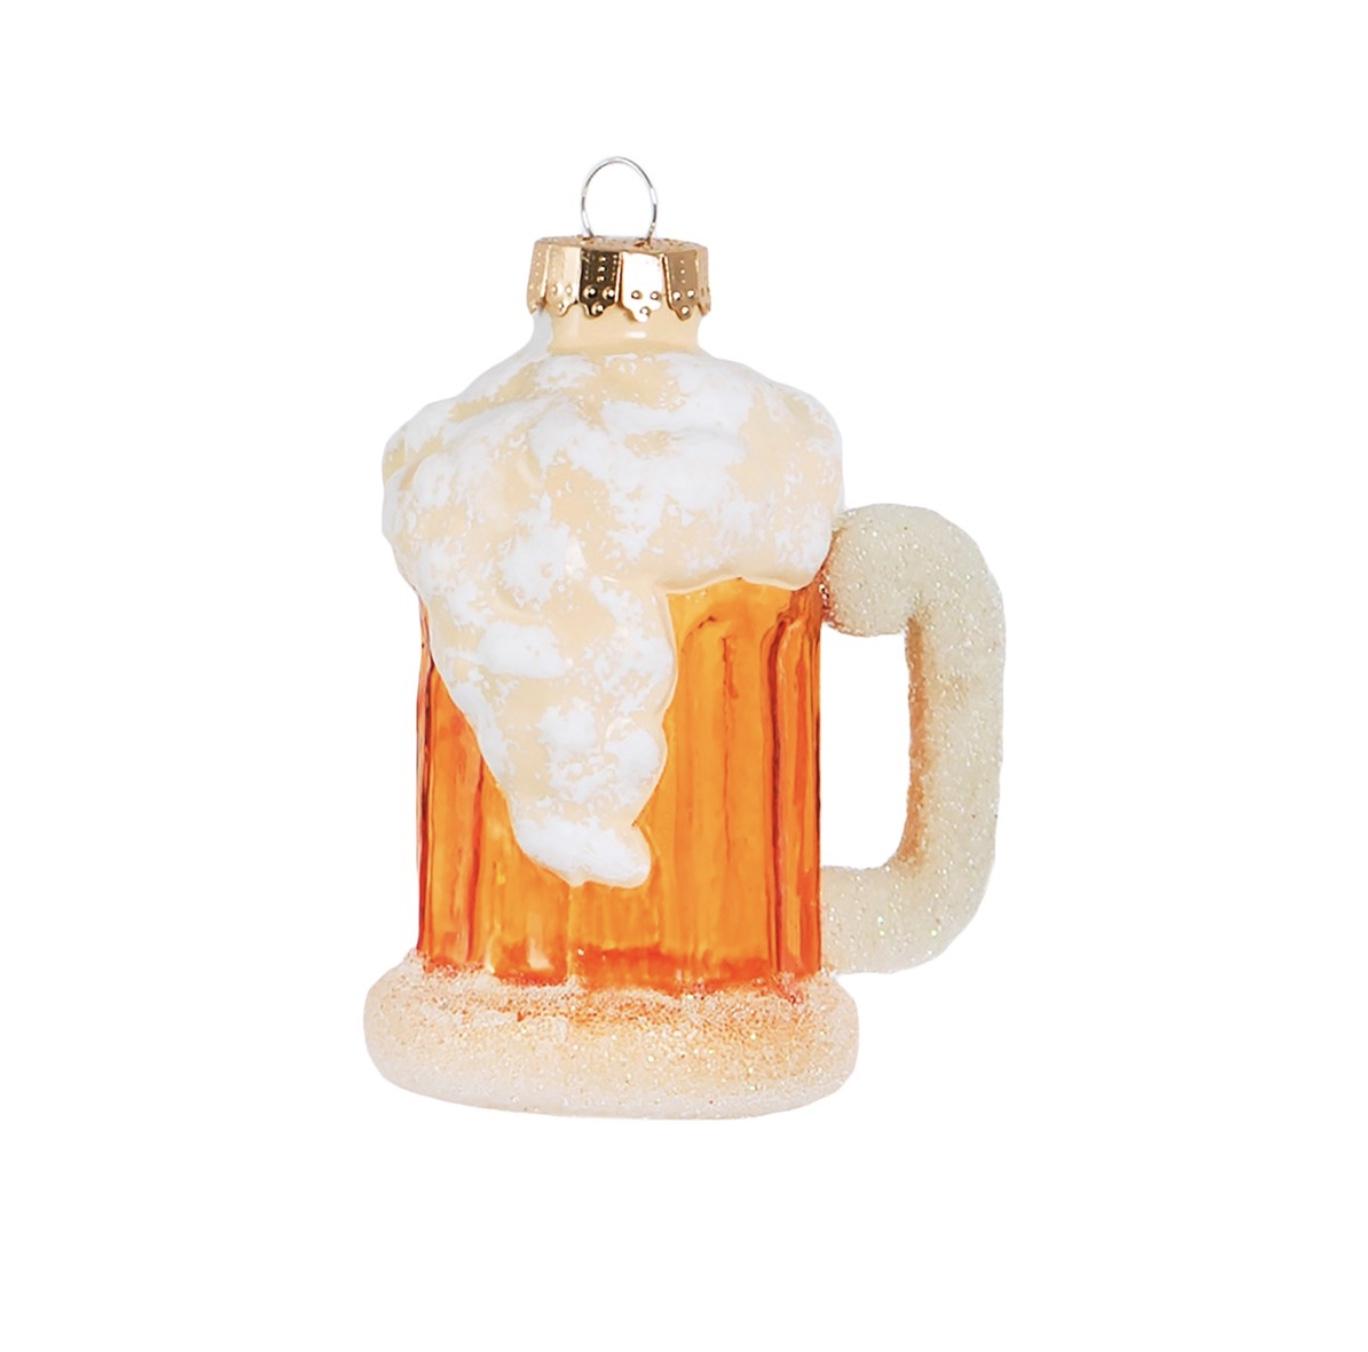 Mug Of Beer Hanging